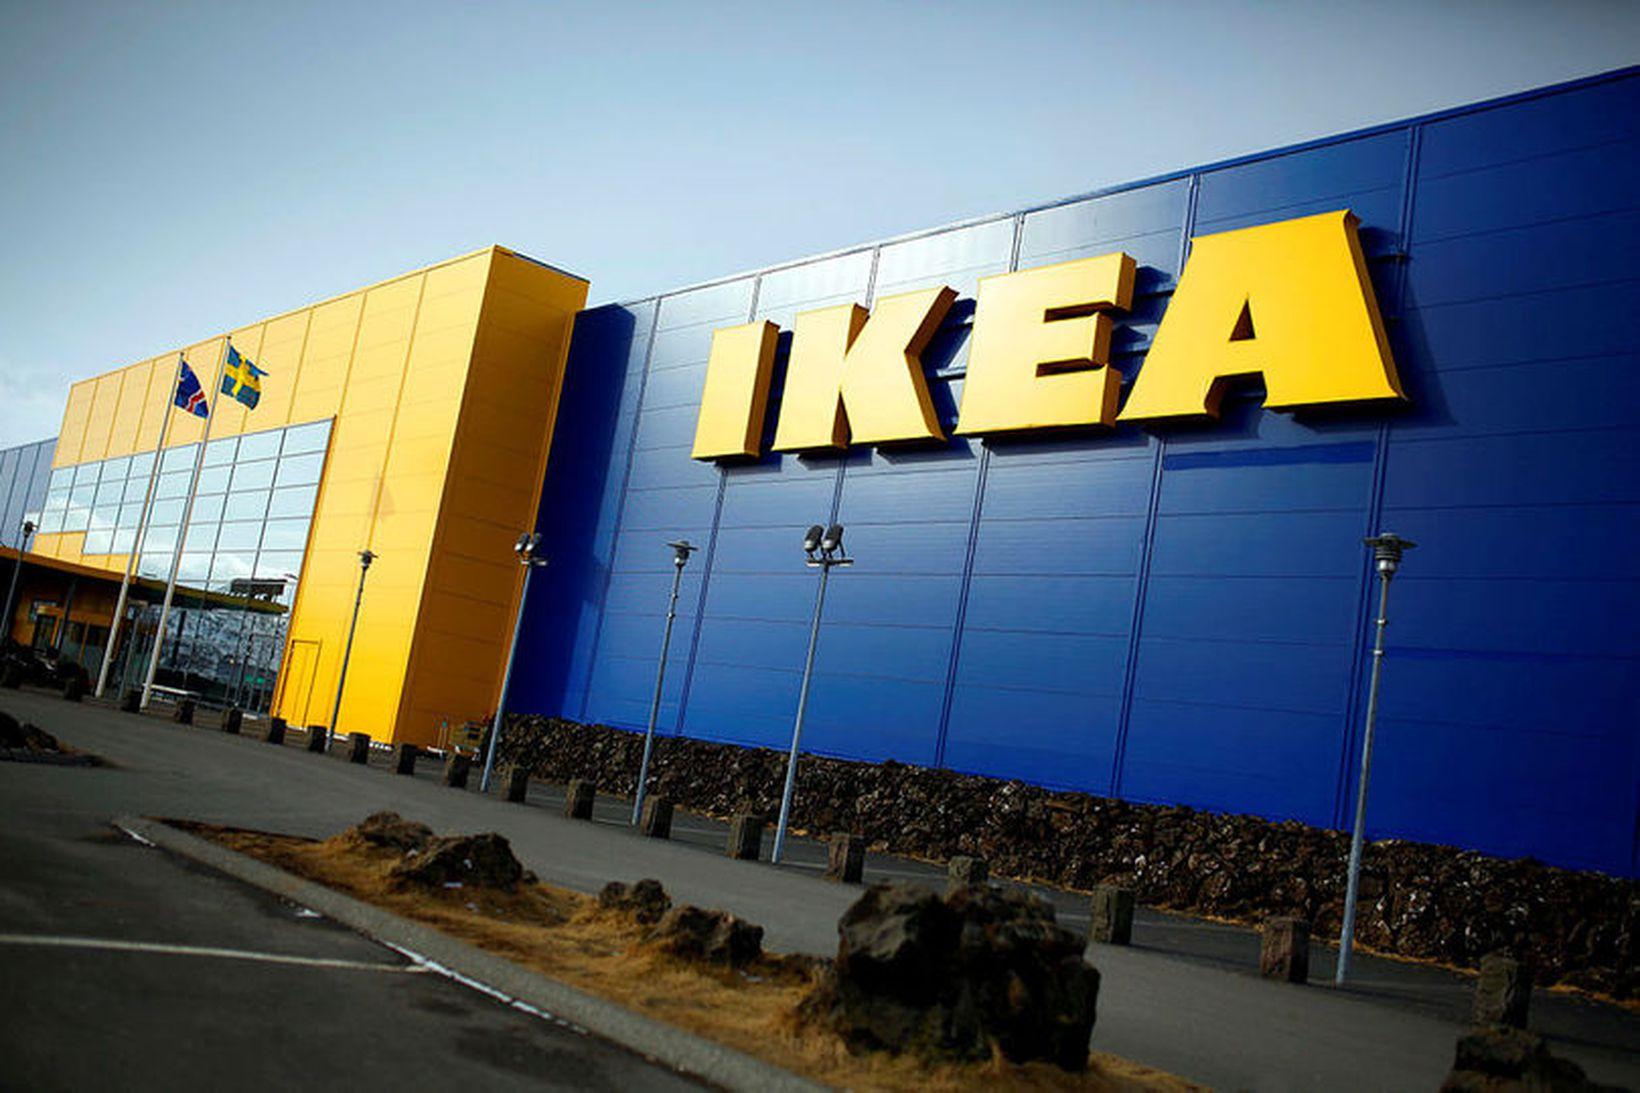 Verslun IKEA lokuð frá miðvikudeginum 24. mars og þar til …